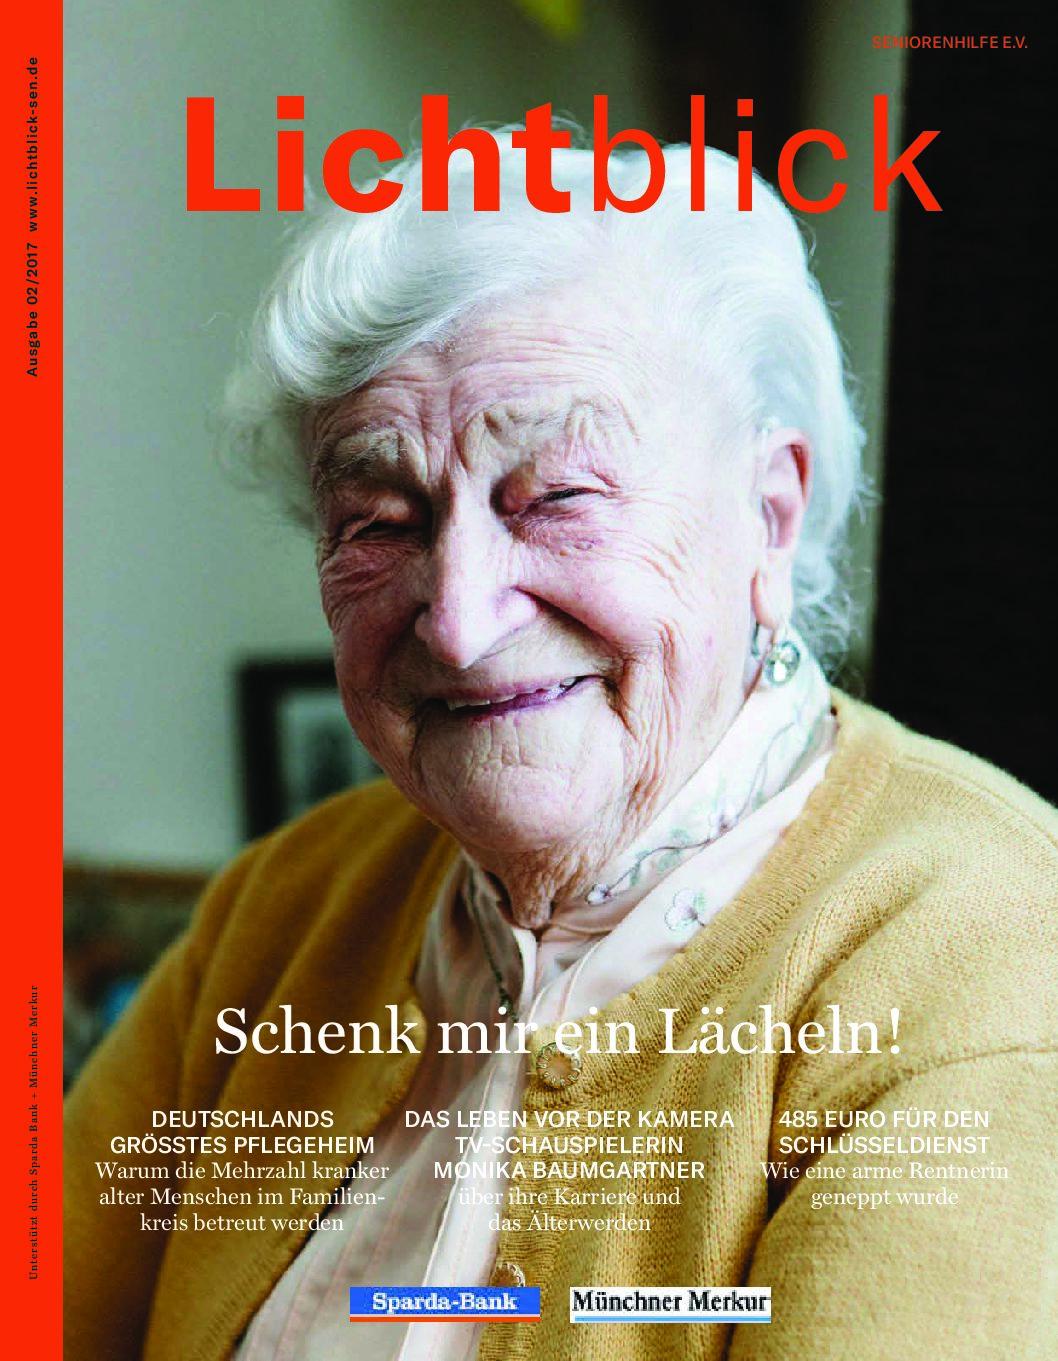 LichtBlick Magazin 2017-2